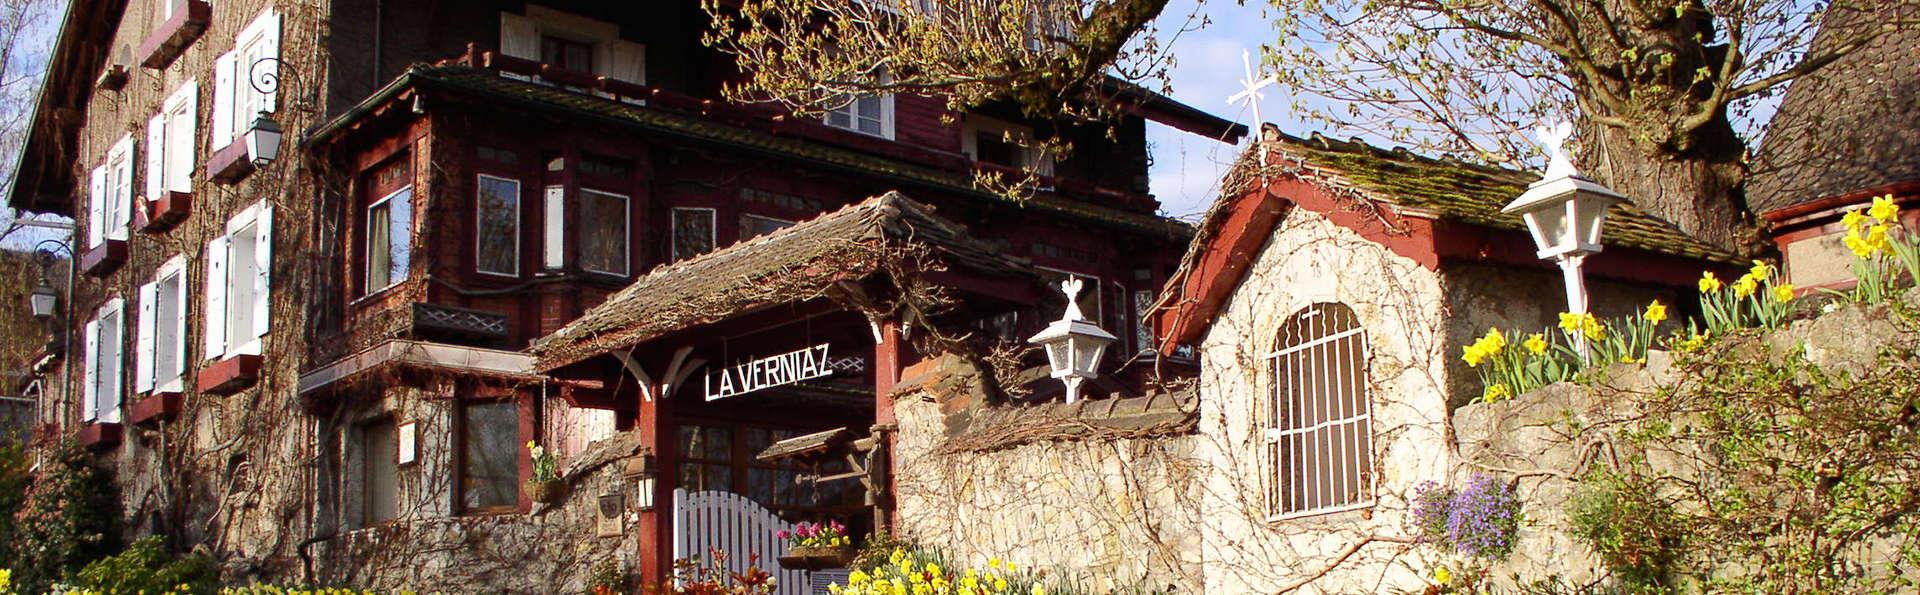 Hôtel de La Verniaz et ses Chalets - EDIT_Fachada_3.jpg